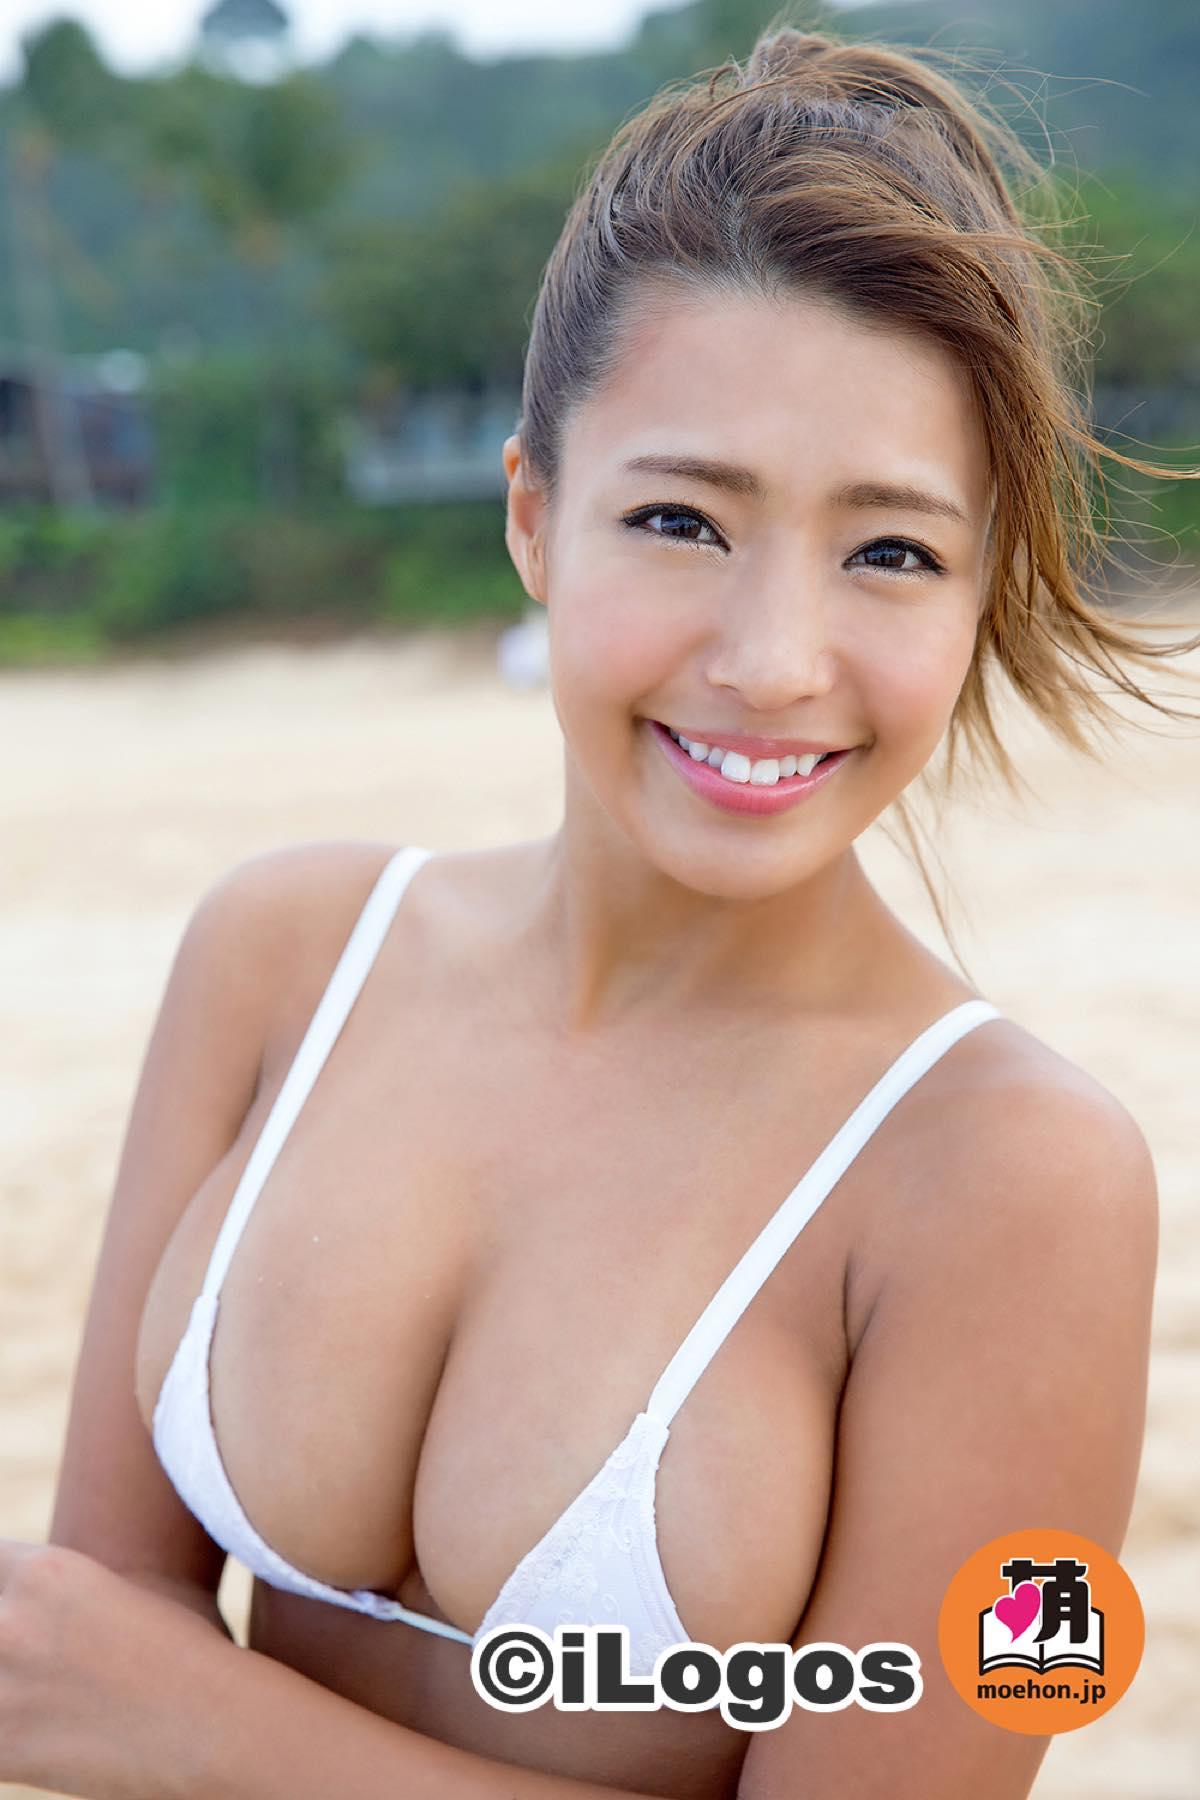 橋本梨菜「日本一太陽が似合う」小麦肌セクシー美女004